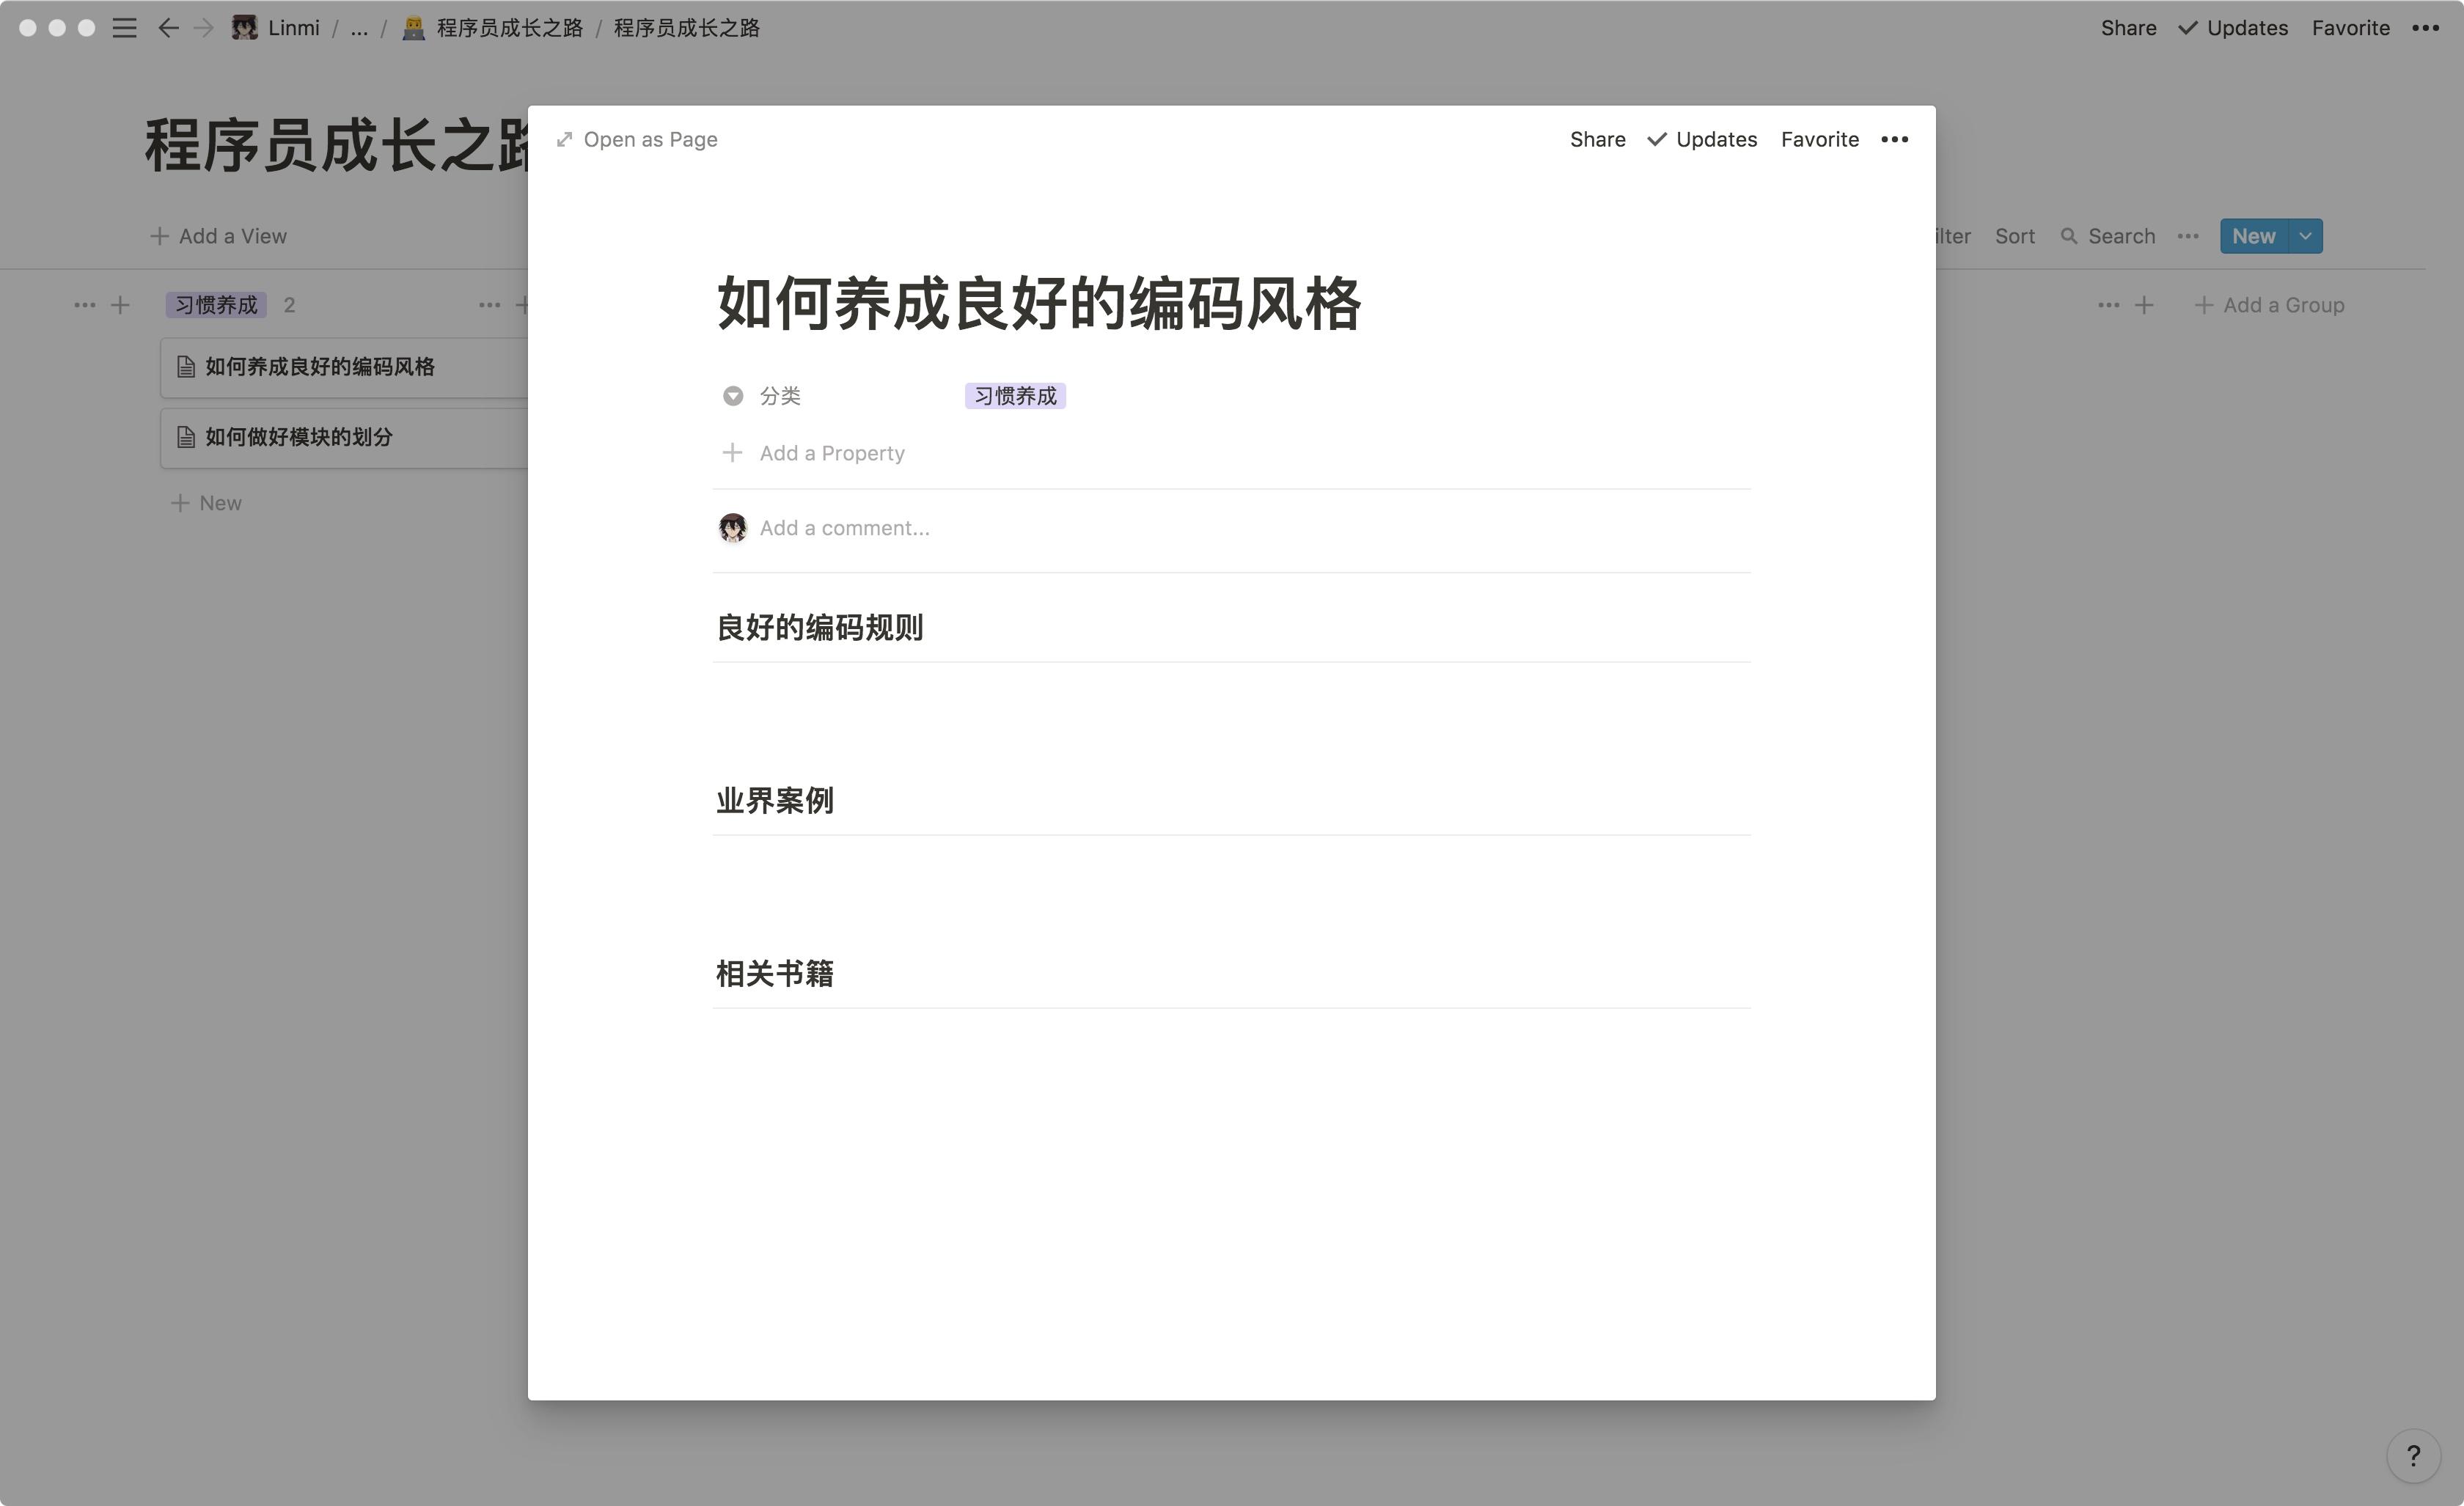 如何使用 Notion 拆解 PPT 进行高效学习?-Linmi